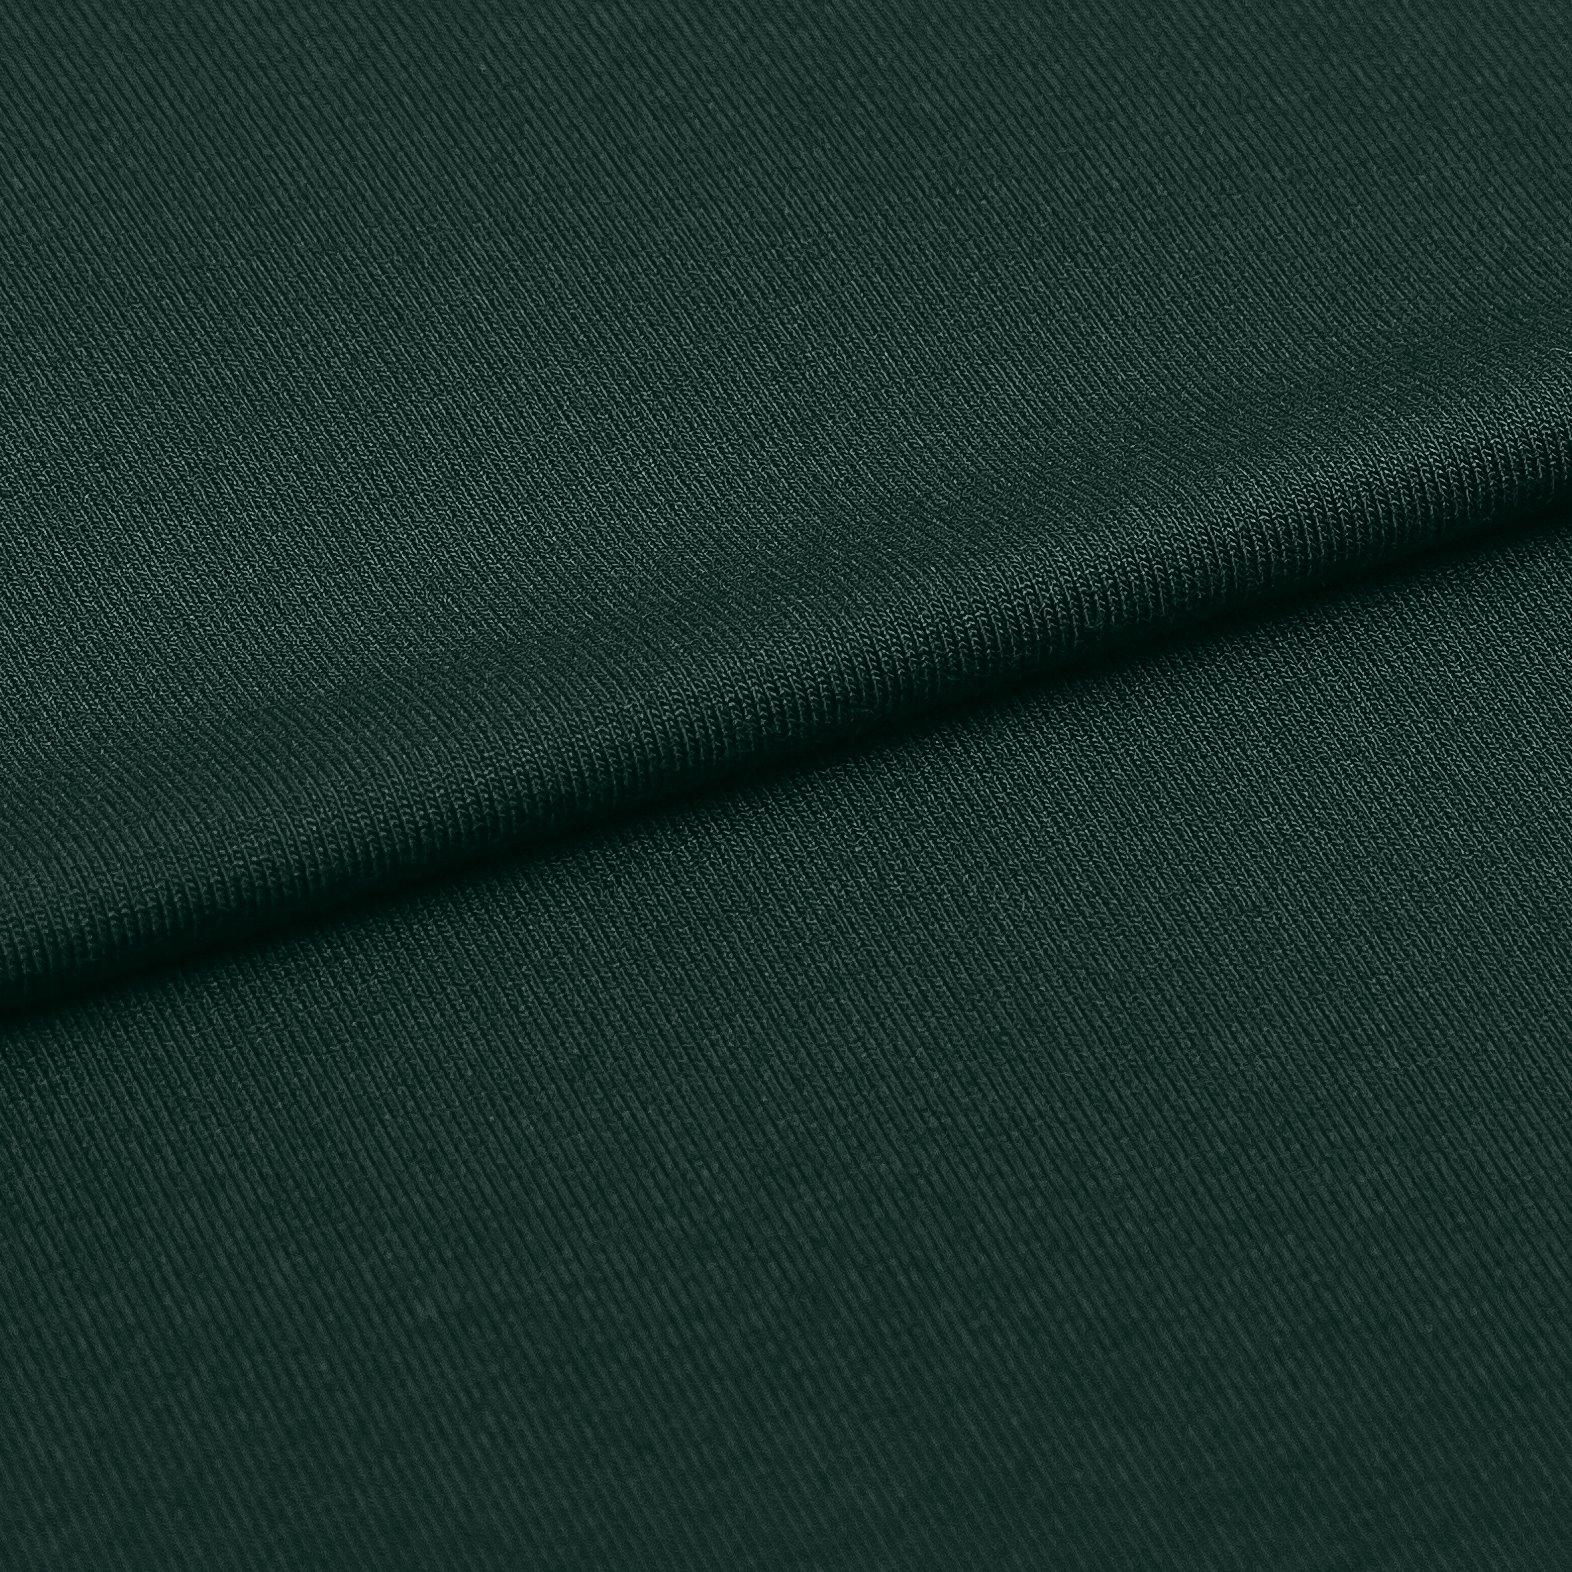 Viscose jersey bottle green 270812_pack_d